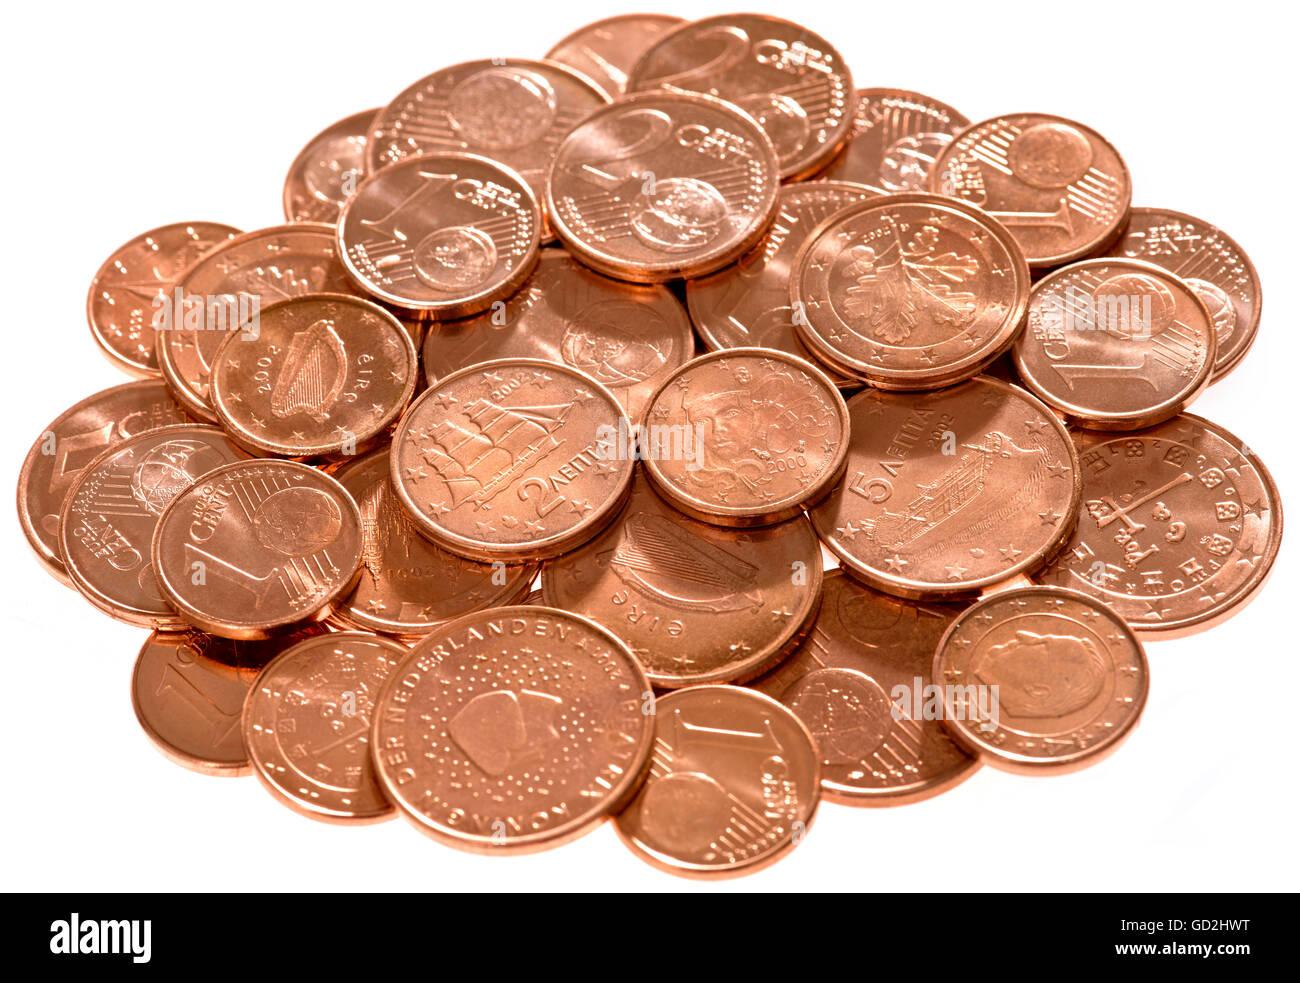 Geldfinanzen Münzen Minze Frisch Cent Münzen Erste Neue Cent